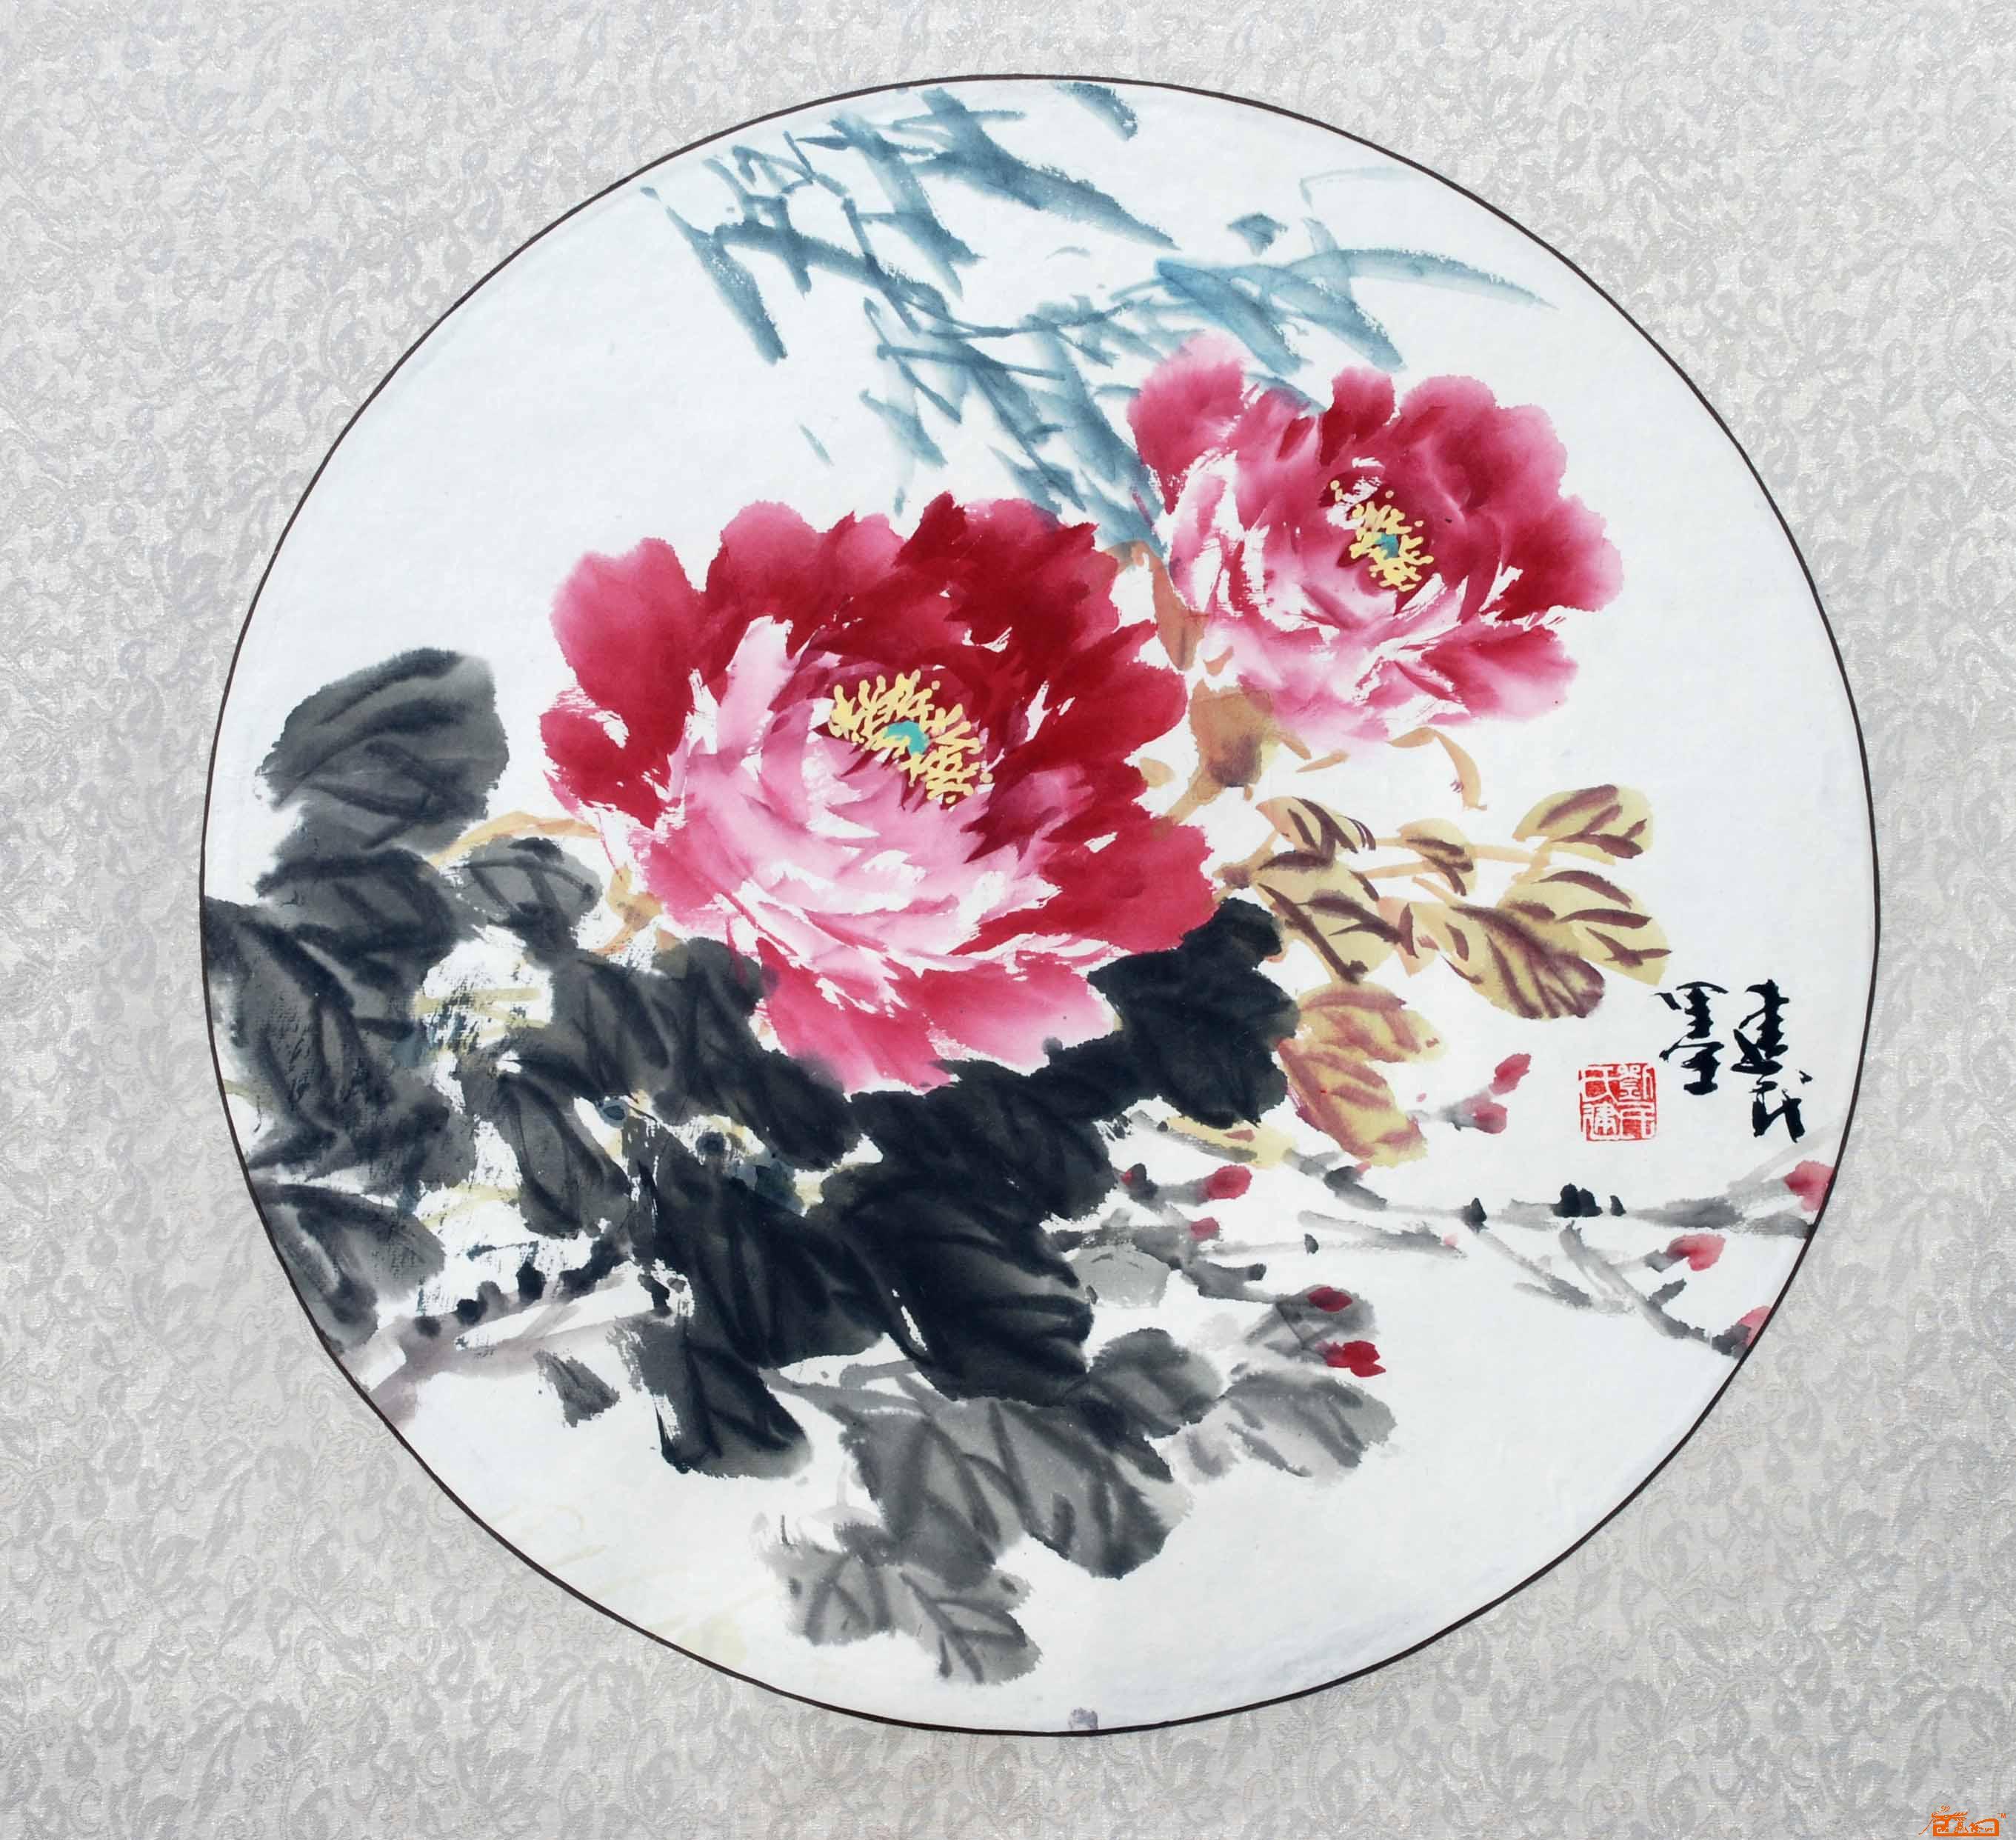 杨耕-刘建民-淘宝-名人字画-中国书画交易中心,中国,.